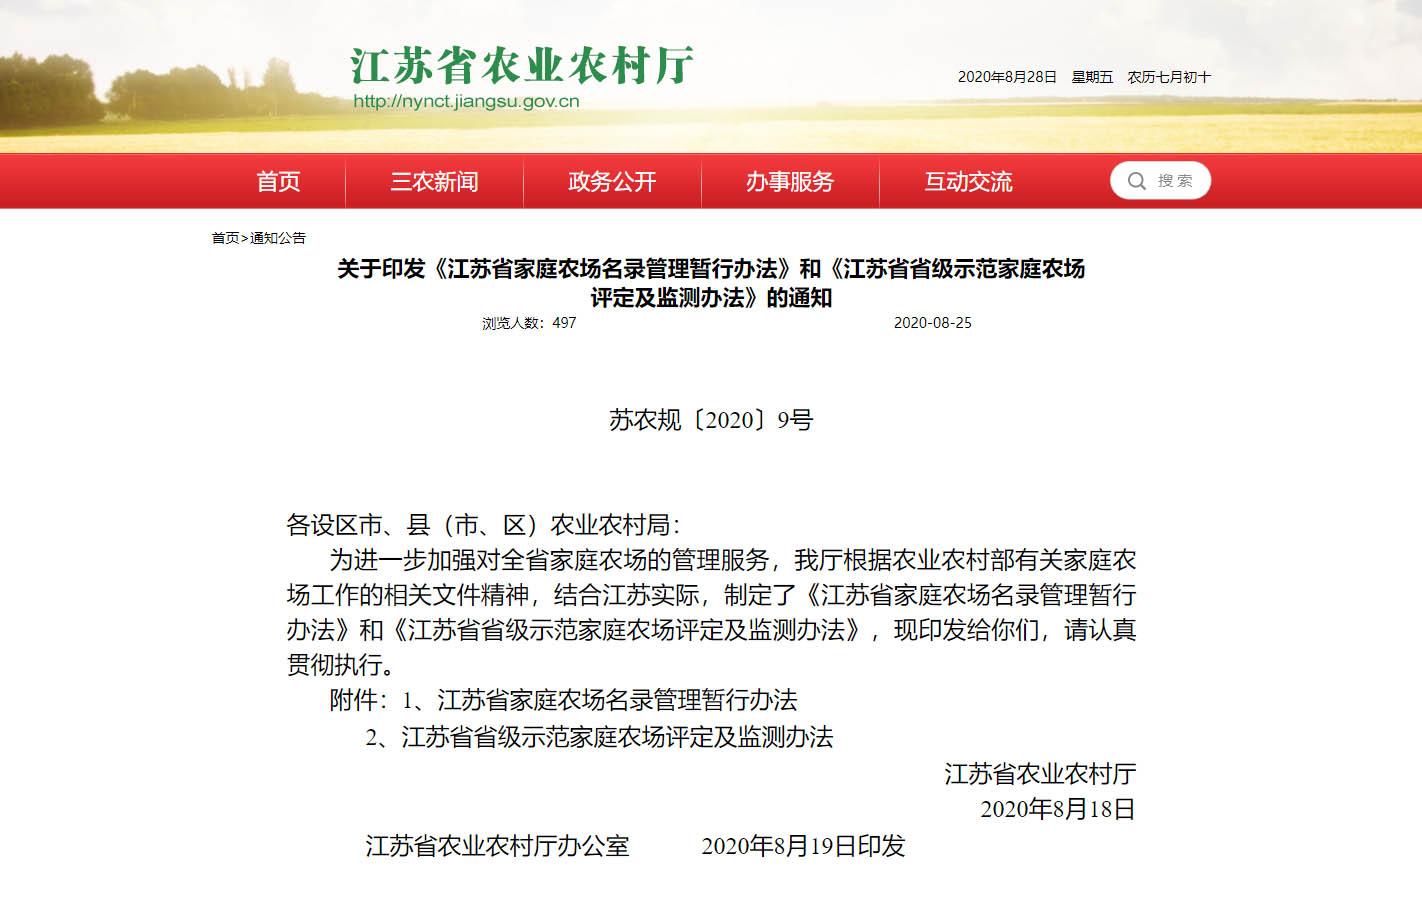 江苏省家庭农场名录管理暂行办法